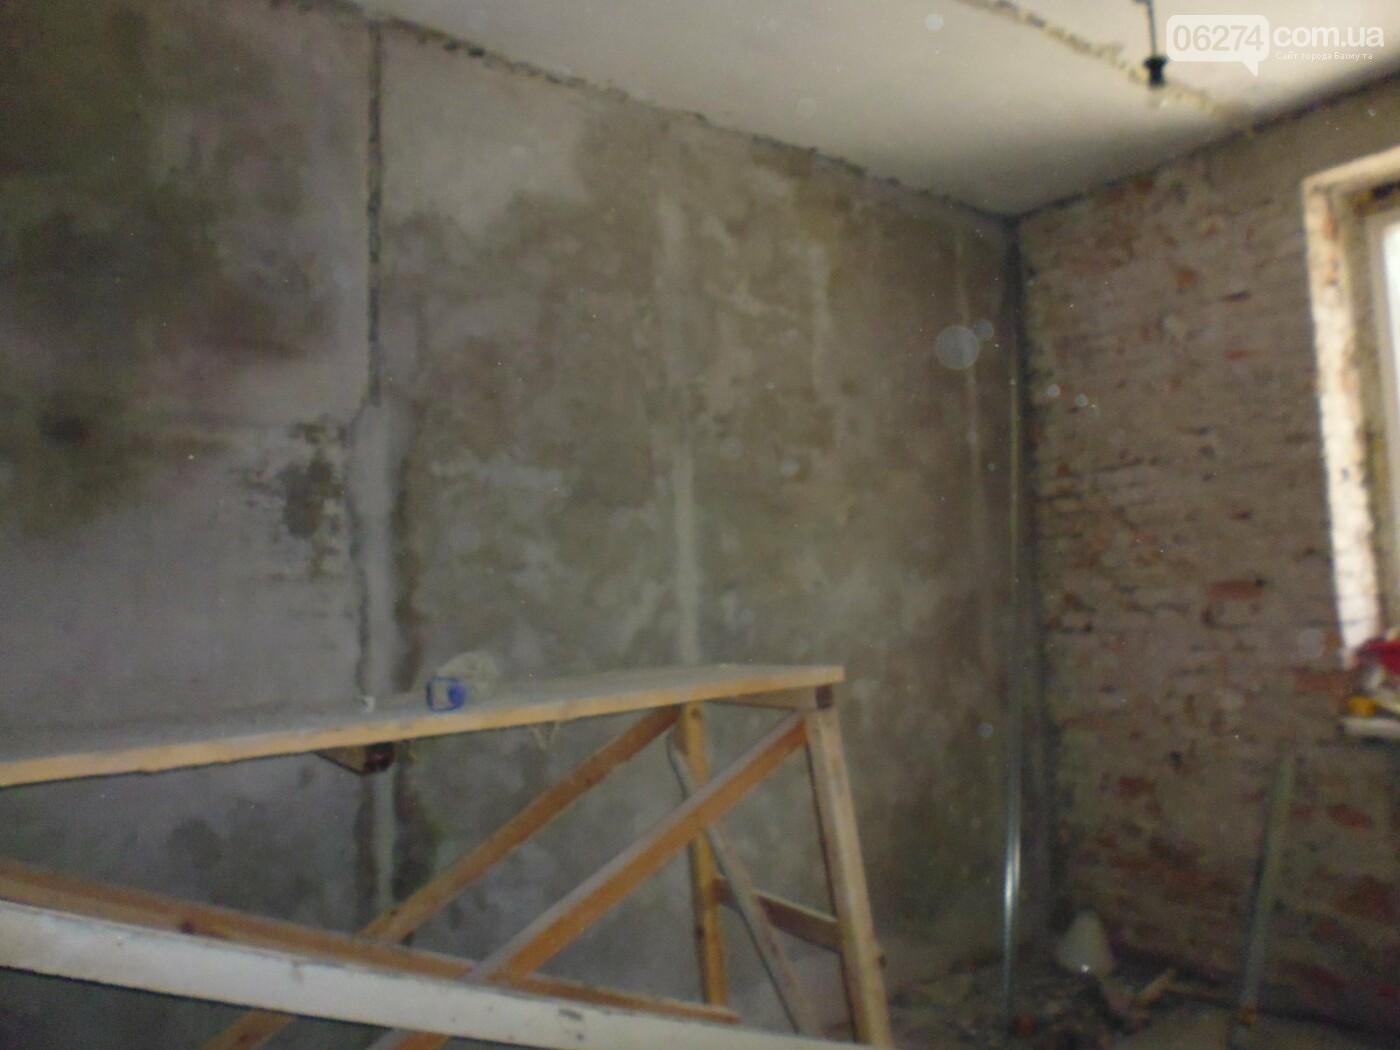 В Бахмуте начали ремонт в патологоанатомическом отделении (ФОТОФАКТ), фото-9